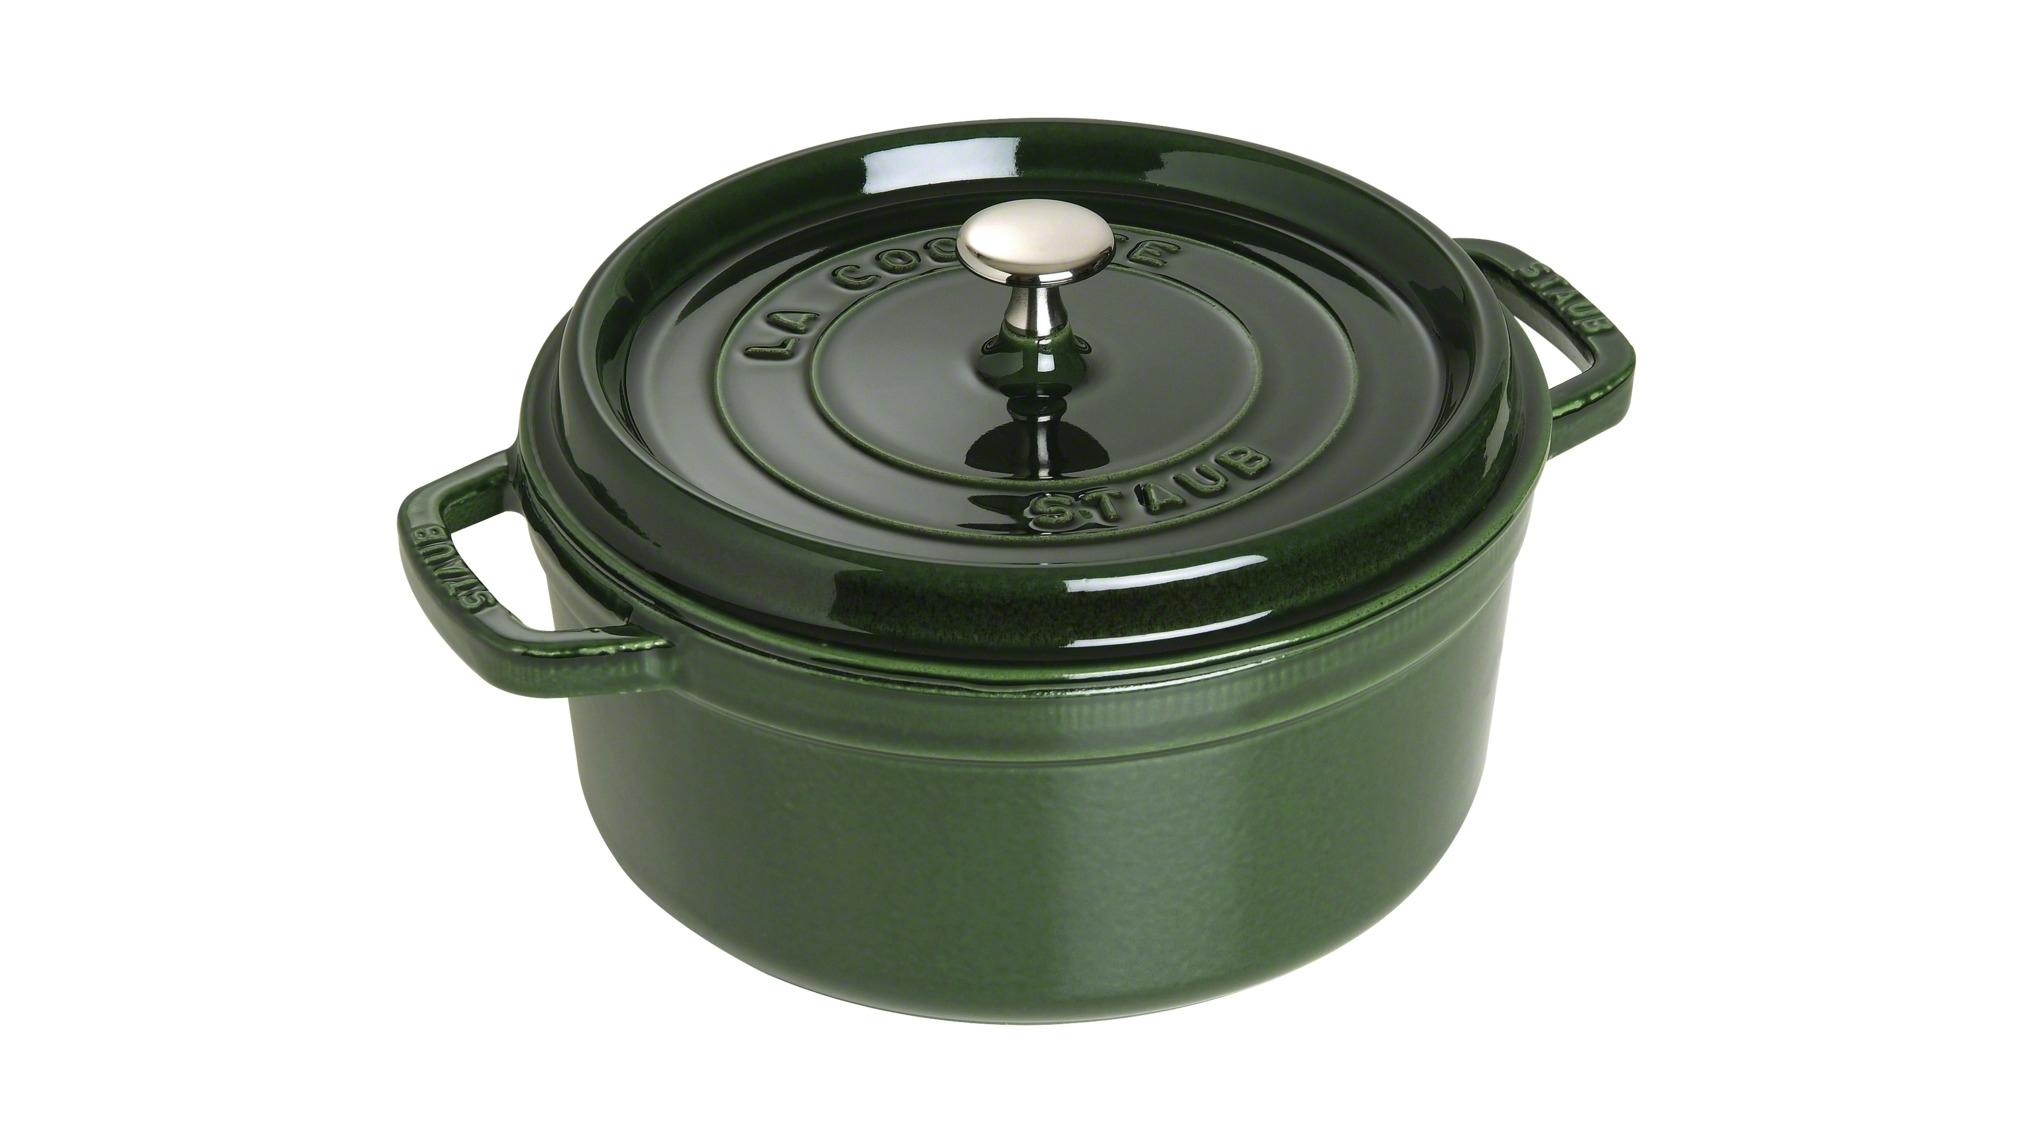 Кокот Staub круглый, 24 см, 3,8 л, зеленый базилик 1102485Новинки<br>Кокот Staub круглый, 24 см, 3,8 л, зеленый базилик 1102485<br><br>Эмалированный чугун – это сплав обогащенного углем железа, покрытого эмалью, изготовленной на основе стекла. Это один из самых лучших материалов, который не только удерживает тепло, но и сохраняет холод.<br>Каждое изделие имеет свои особенности и нюансы, поскольку отливается в индивидуальных формах из песка, которые разрушаются после каждого использования, эти неровности ни в коем случае нельзя воспринимать, как недостатки!<br>Отличительные особенности Staub:<br><br>Декоративная латунная или никелевая ручка может использоваться в духовке до 200°С.<br>Внешнее покрытие – 2 слоя эмали, чугун, внутреннее покрытие 2-слоя черной эмали.<br>Пригодна для мытья в посудомоечной машине.<br>Подходит для всех типов плит.<br>Можно использовать в духовке, кроме посуды с деревянной ручкой.<br><br>Рекомендации по уходу за посудой:<br><br>Промойте Вашу посуду в теплой воде, дайте ей высохнуть. Смажьте внутреннюю поверхность кастрюли растительным маслом. Прогрейте ее в течение нескольких минут на медленном огне, а затем удалите остатки масла. Ваша посуда готова к использованию!<br>Кастрюля должна нагреваться постепенно ( так как эмалированный чугун можно использовать на индукционных варочных поверхностях, ВАЖНО при предварительным нагревании использовать треть мощности плиты в течении 5-7 минут).<br>Подберите величину конфорки соответствующей размеру дна Вашей посуды.<br>Используйте лопатки из силикона или дерева.<br>Не заливать горячую кастрюлю холодной водой.<br>Объем, указаны до края кокота. <br><br>При падении на твердую поверхность посуда может треснуть или разбиться. Металлические кухонные принадлежности могут повредить посуду. Избегать резкого нагревания и охлаждения, резкий перепад температуры может привести к повреждению посуды. Чтобы не обжечься, пользуйтесь прихватками.<br>Изготовитель: Zwilling Staub France S.A.S, 47 bis, rue des Vinaigriers